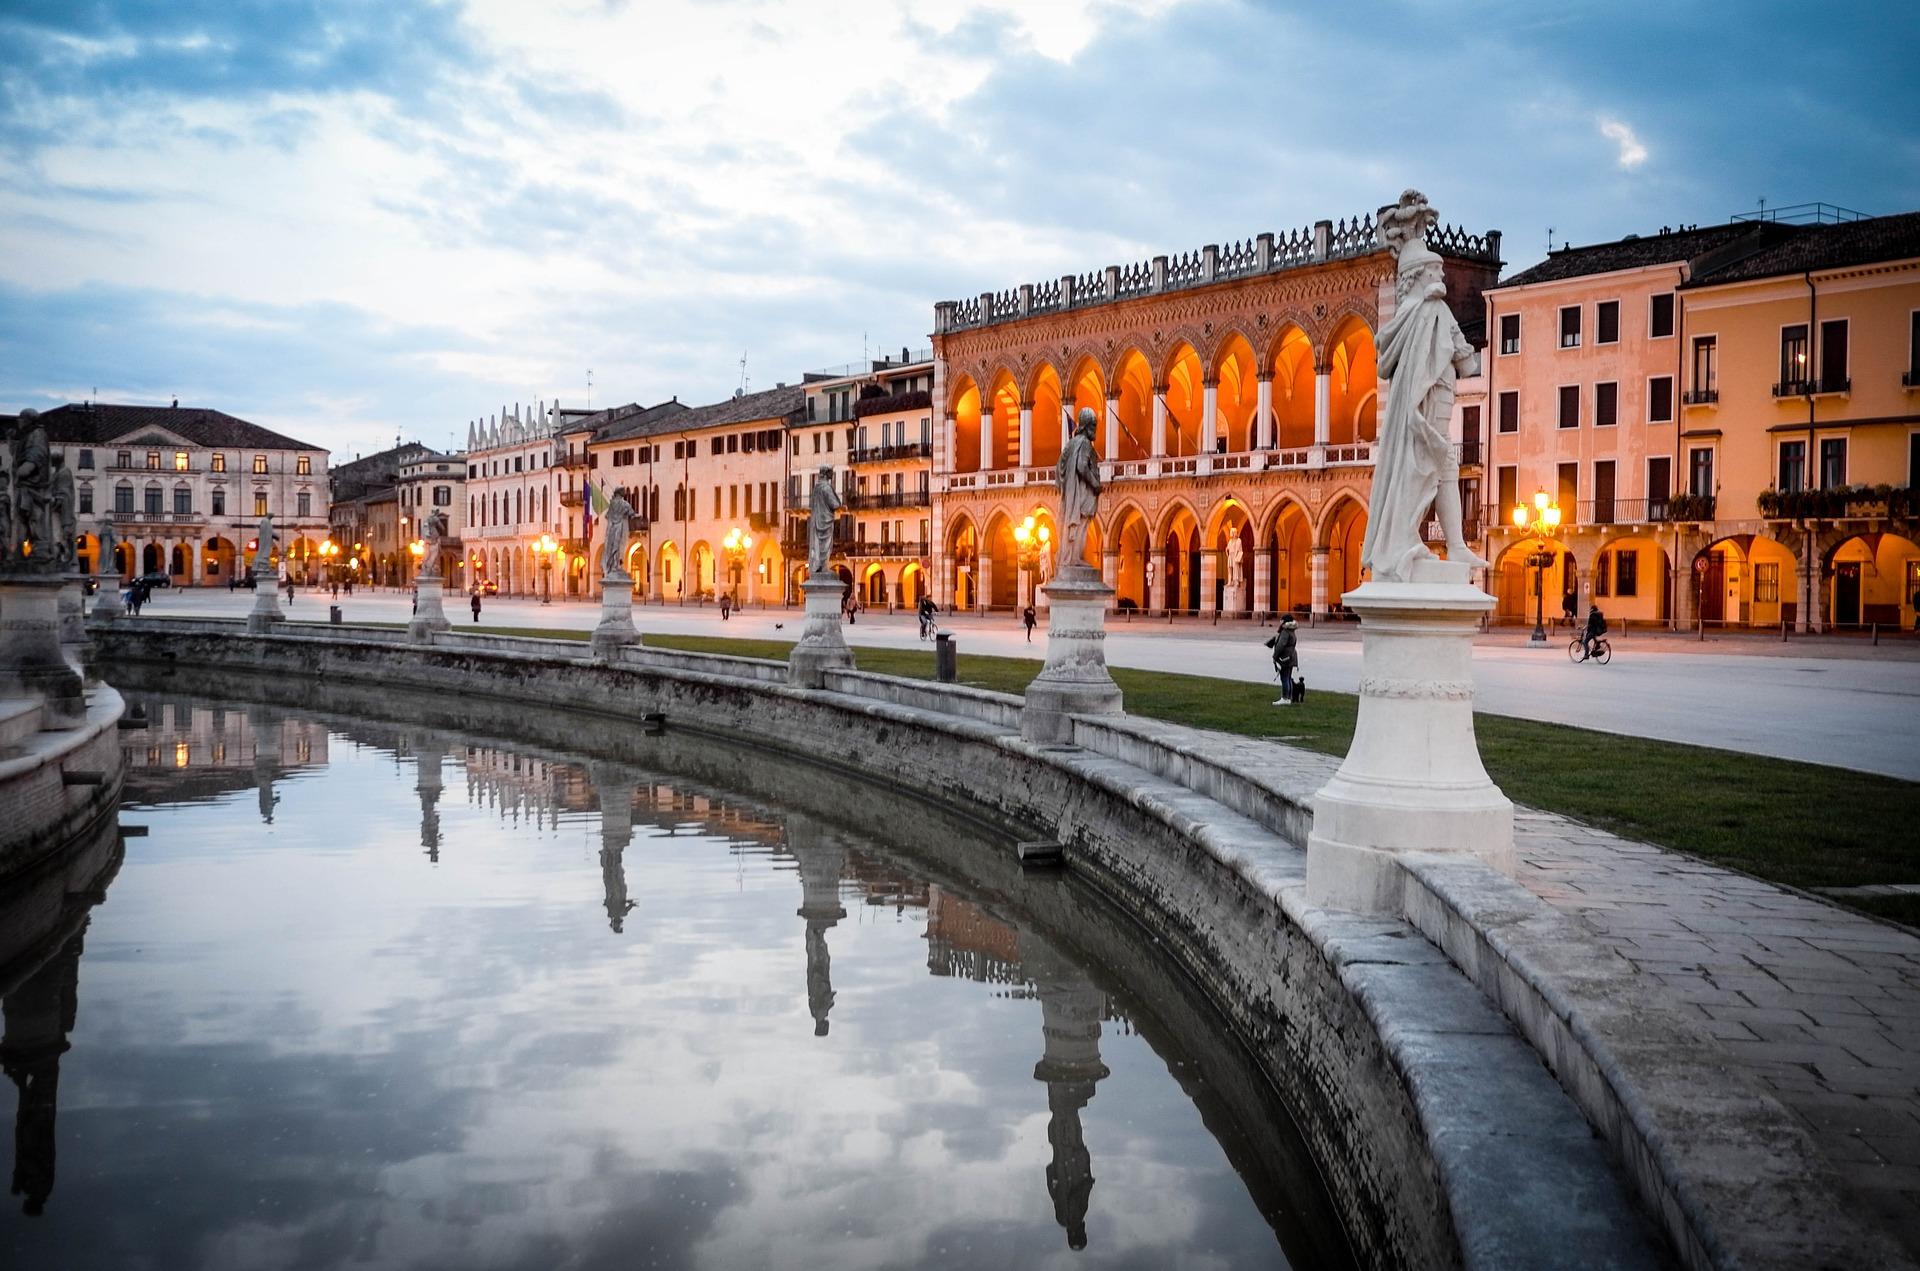 L Occhio Immobiliare Padova affitti brevi padova: diventa host nella città veneta del santo